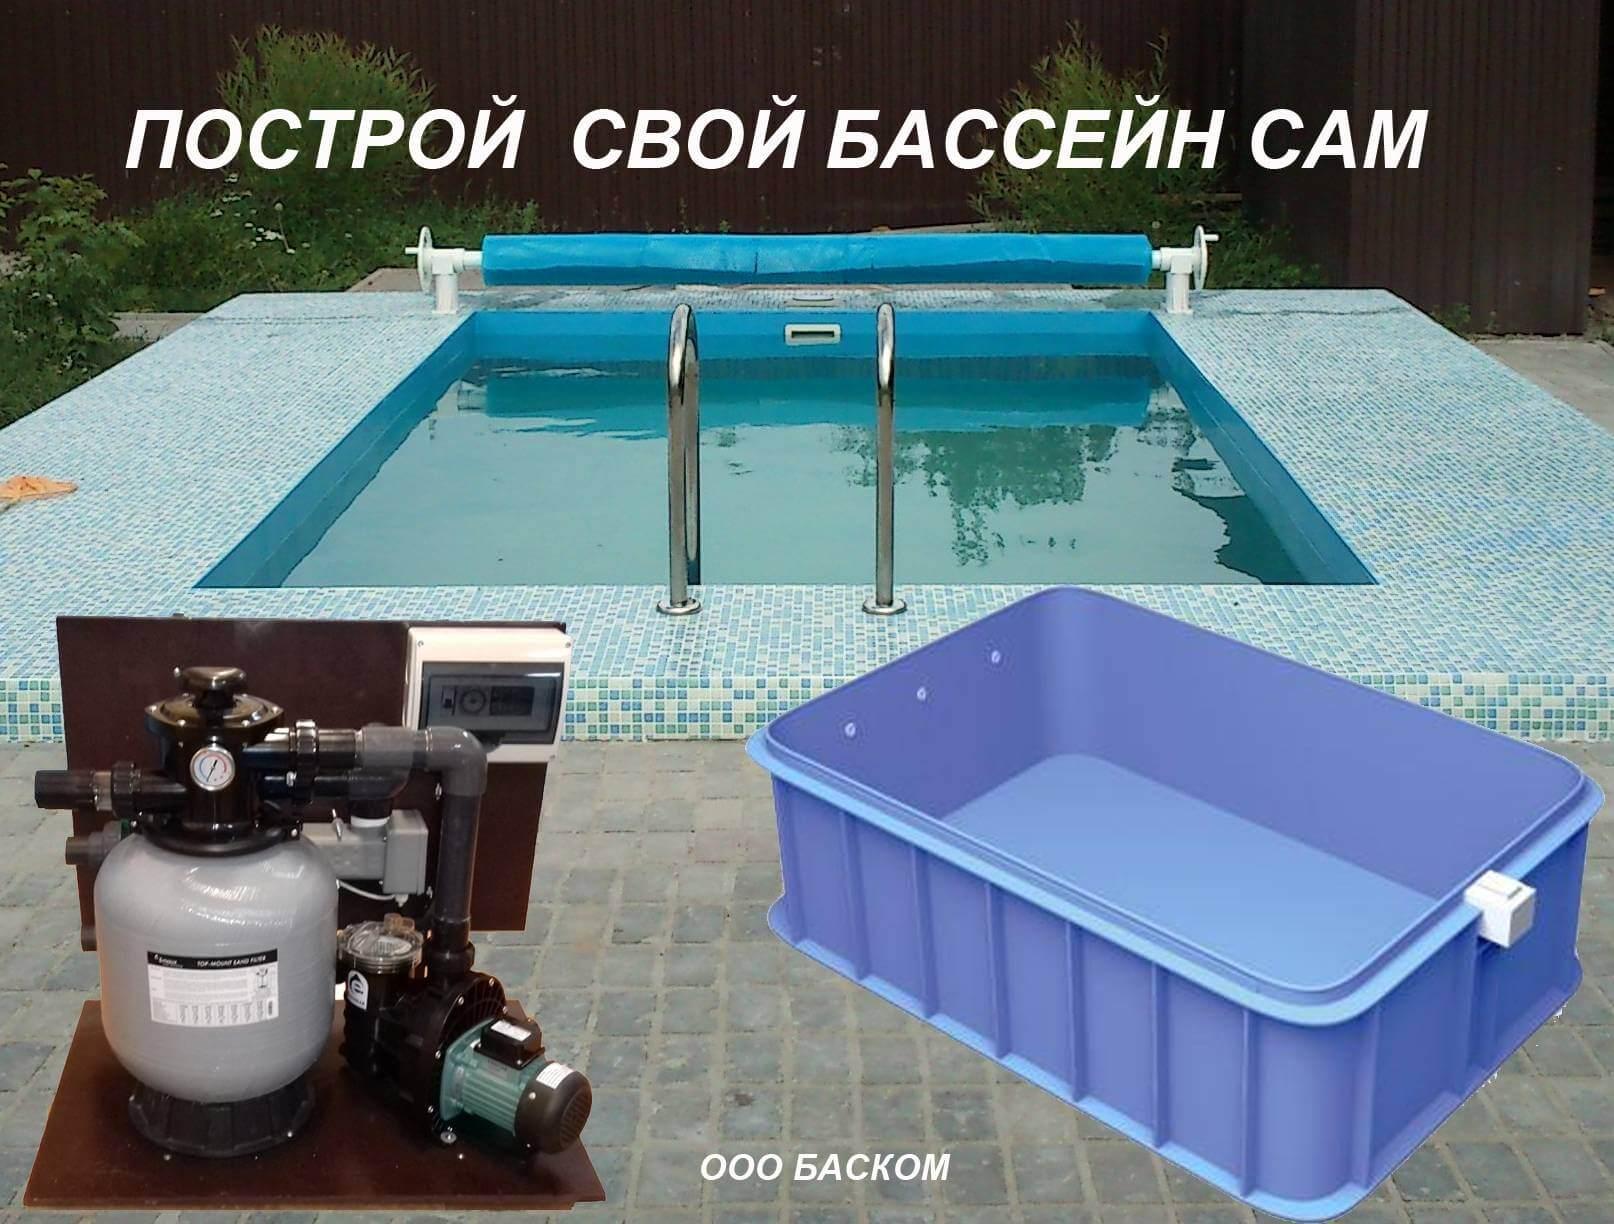 Построй свой бассейн сам | Строительство бассейнов